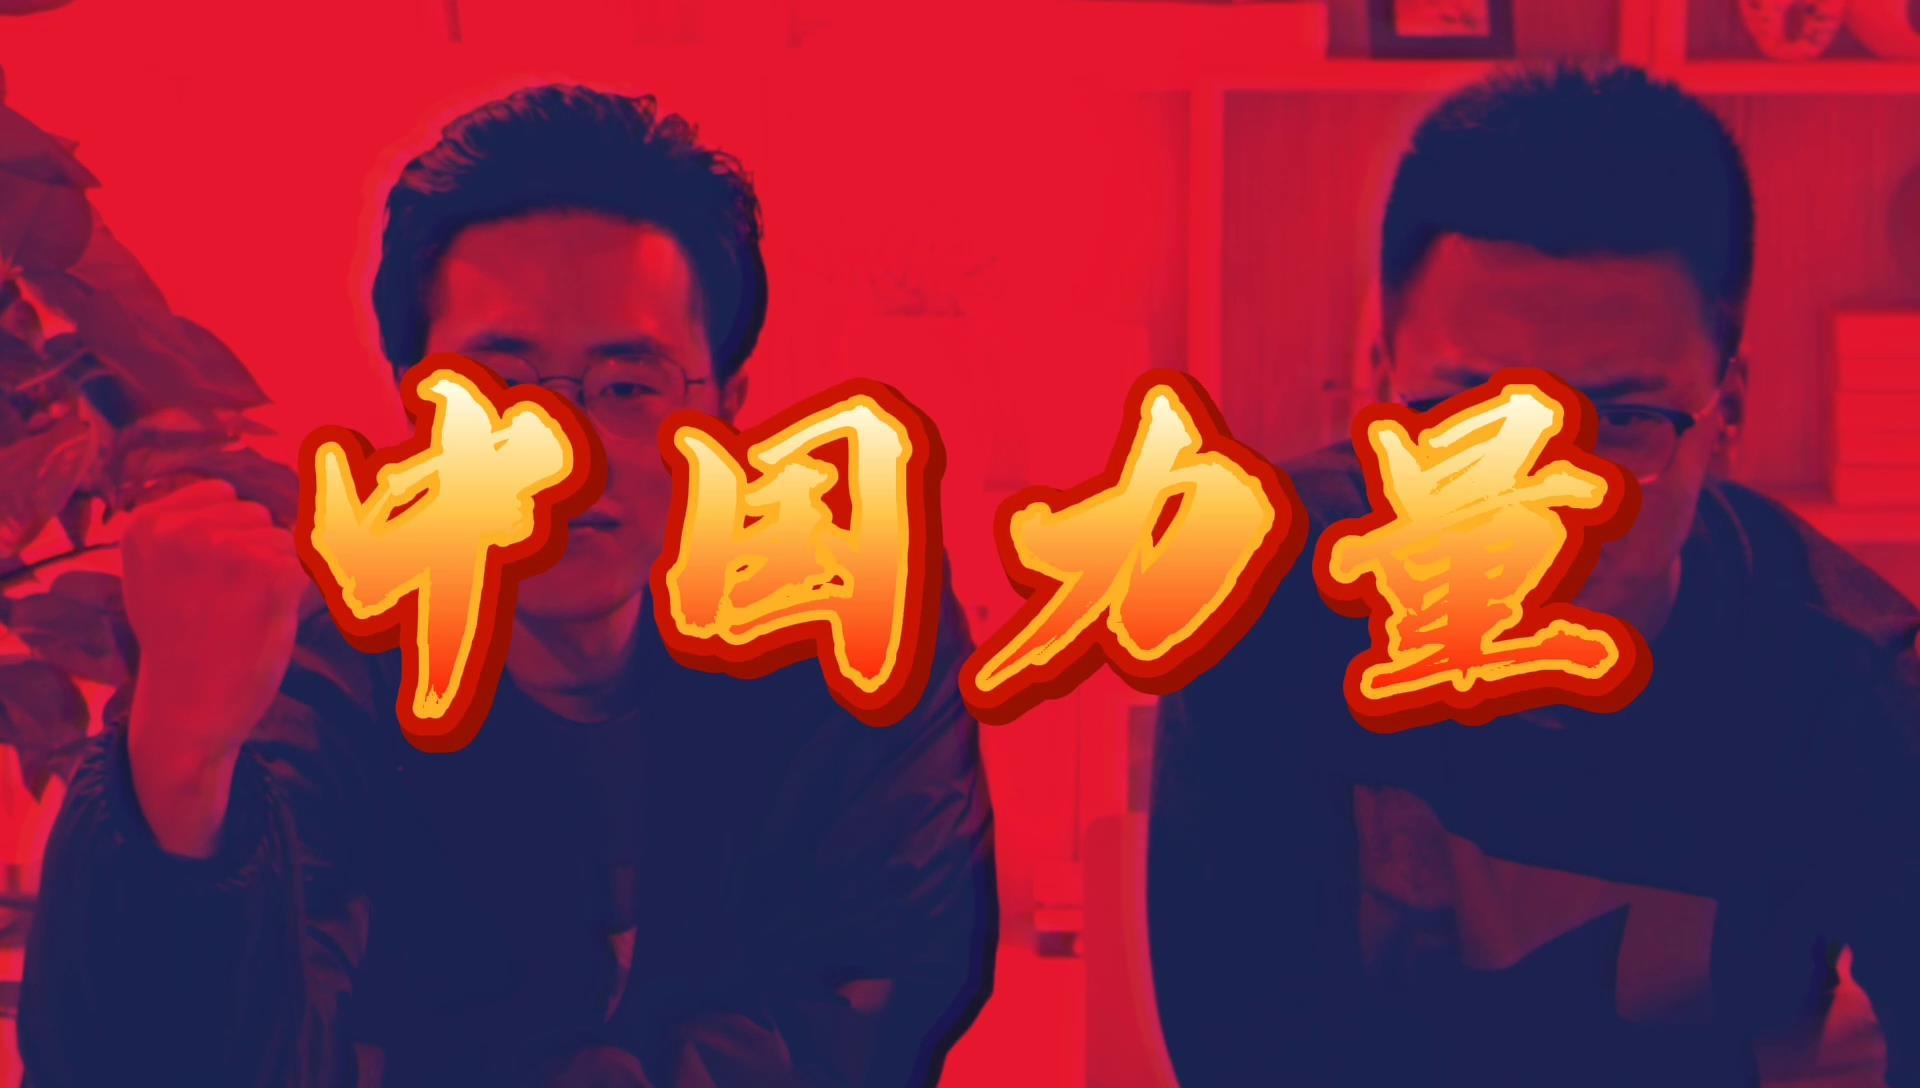 【26条�砹恕看舐�5G来了,台湾朋友们你们准备好ぷ加入队伍了吗!图片